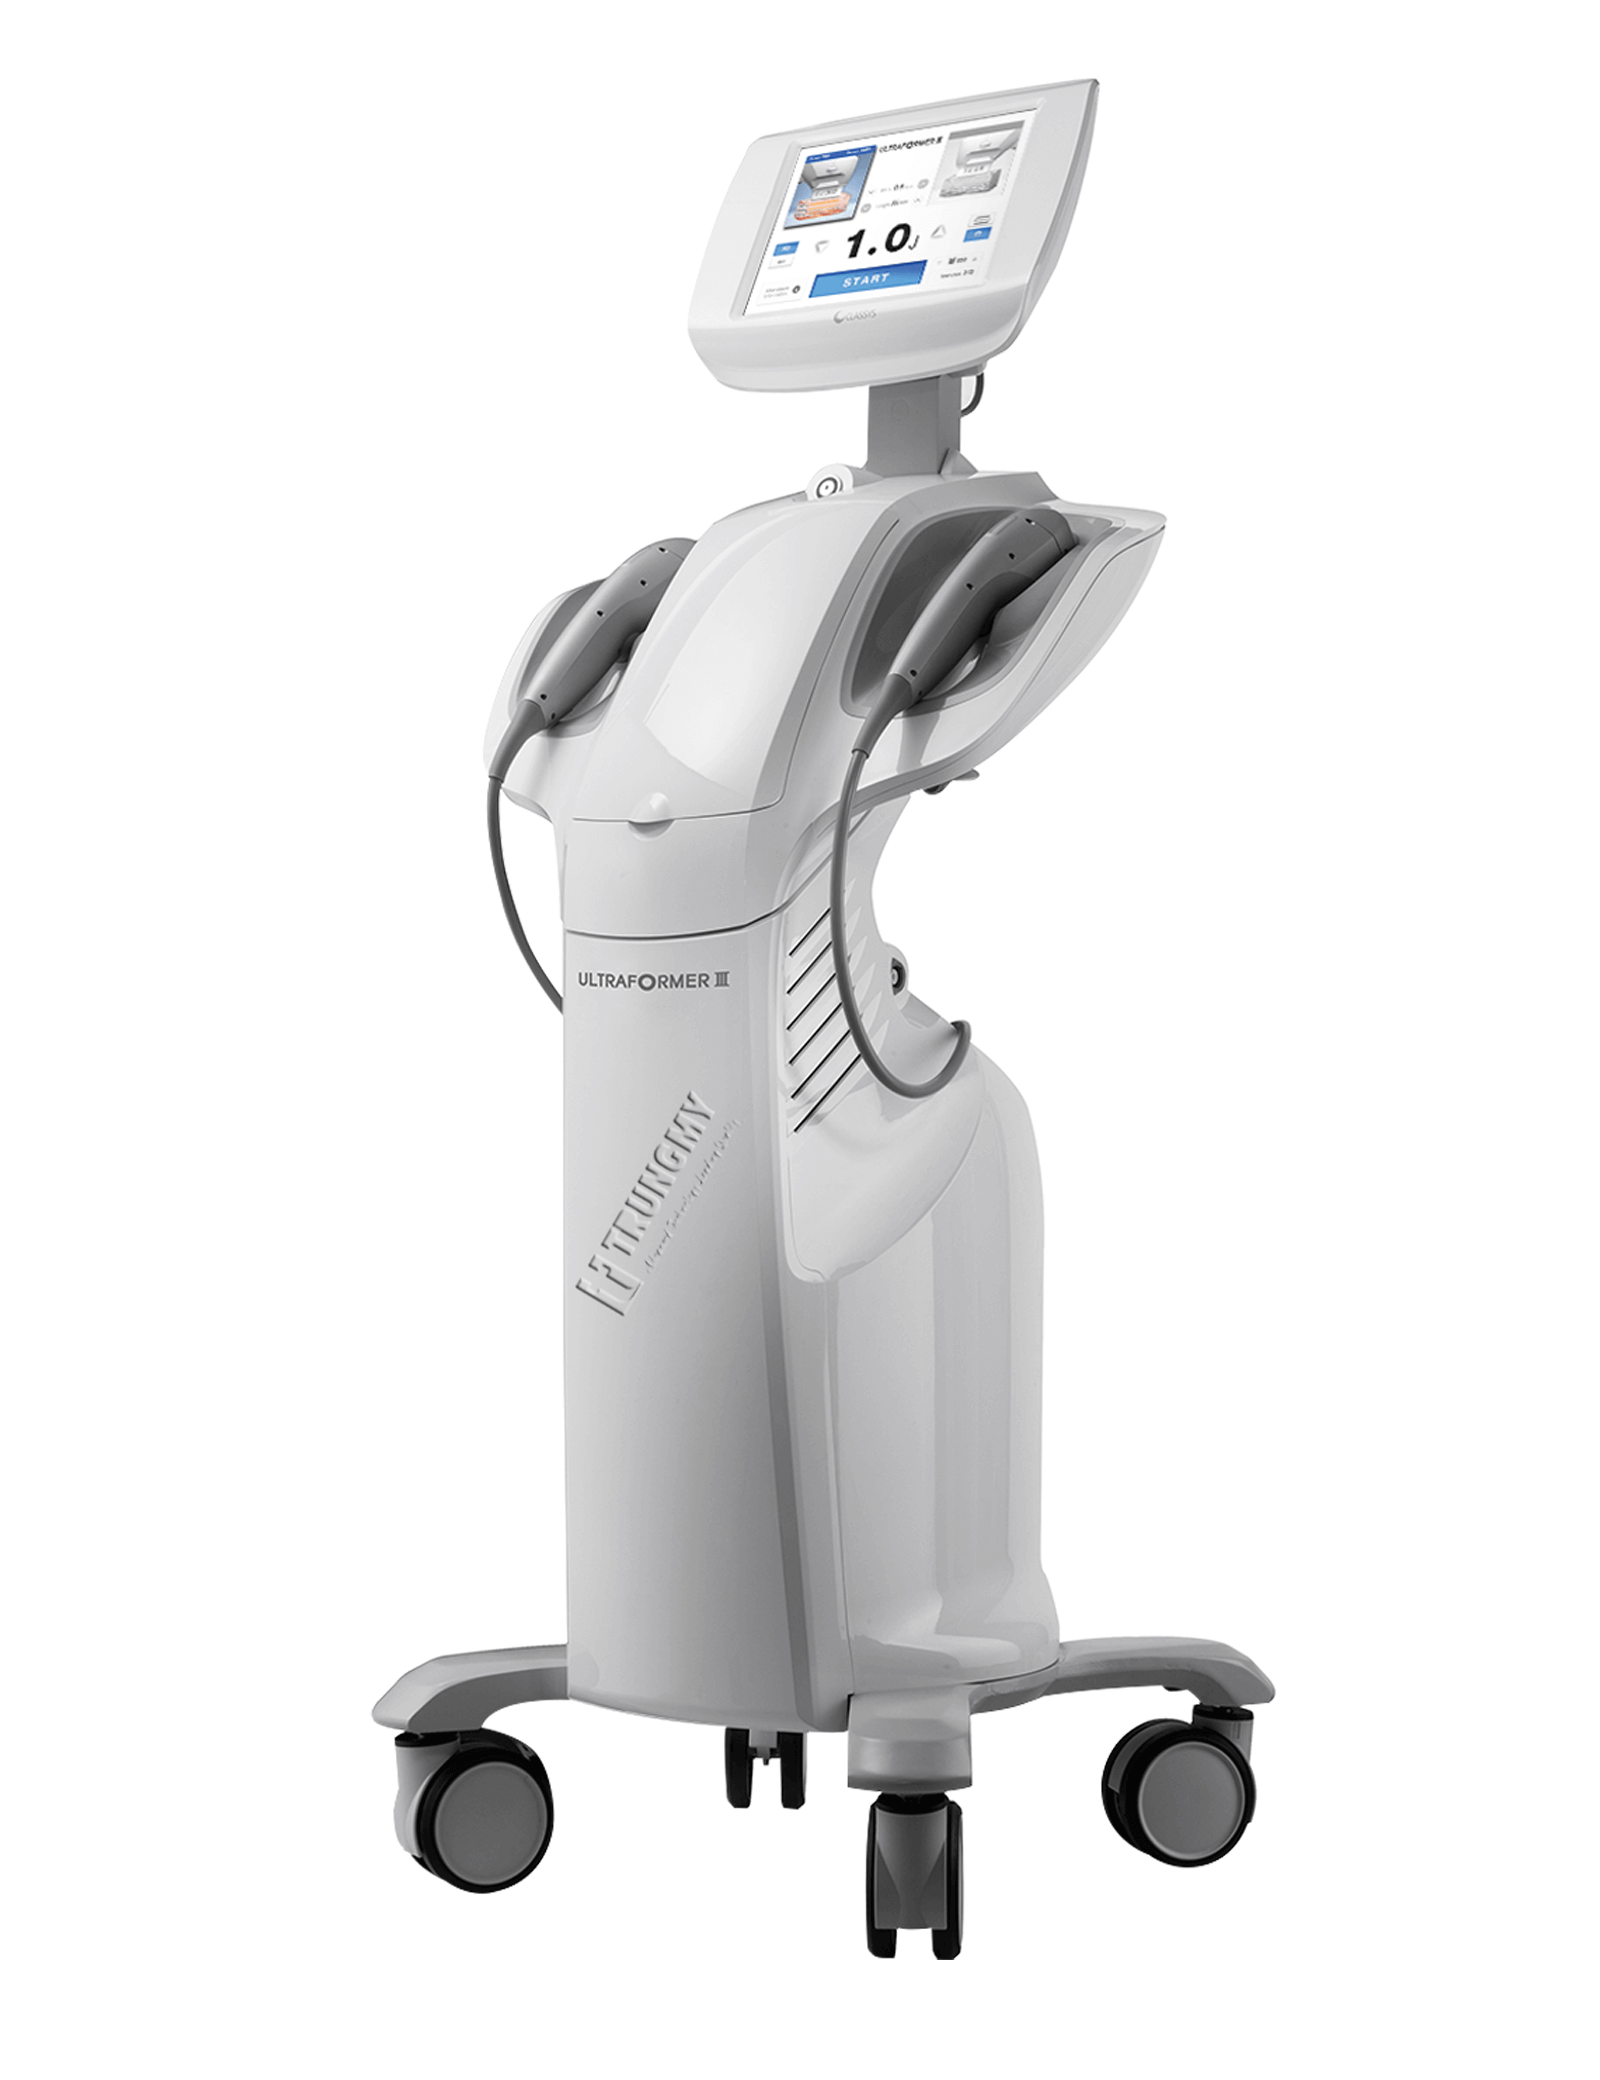 Ultraformer-III Công nghệ Nâng cơ – trẻ hóa – xóa nhăn UltraFormer III